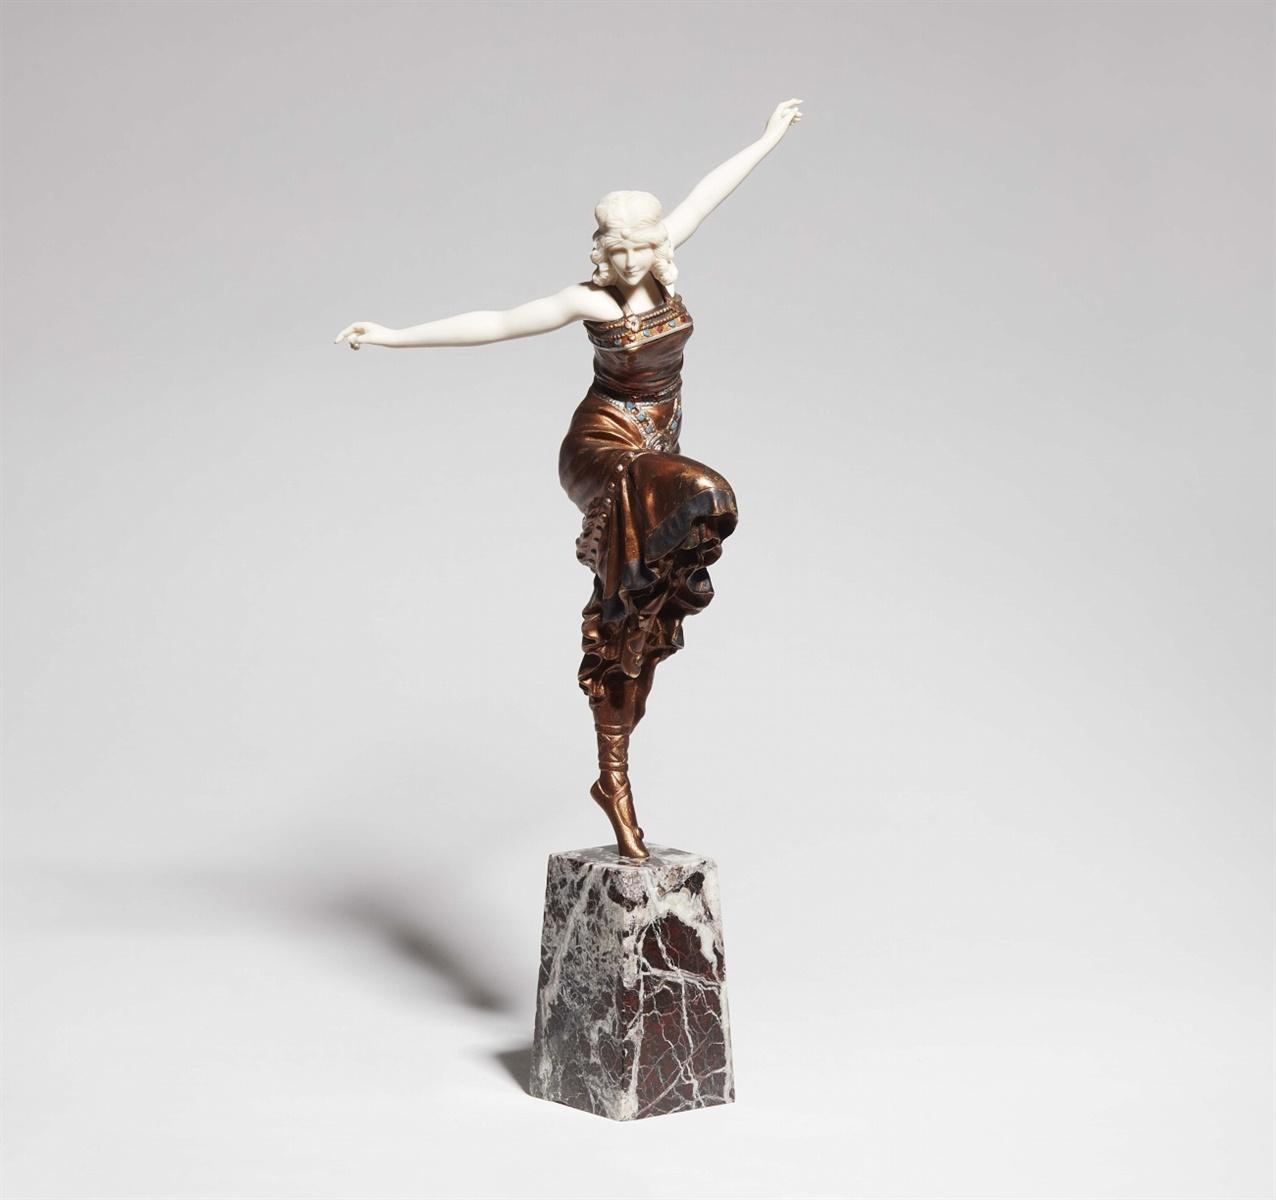 Lot 2 - TänzerinSog. Chryselephantine. Metall mit Bronze- und farbiger Lackfassung, Elfenbein, rotweißer